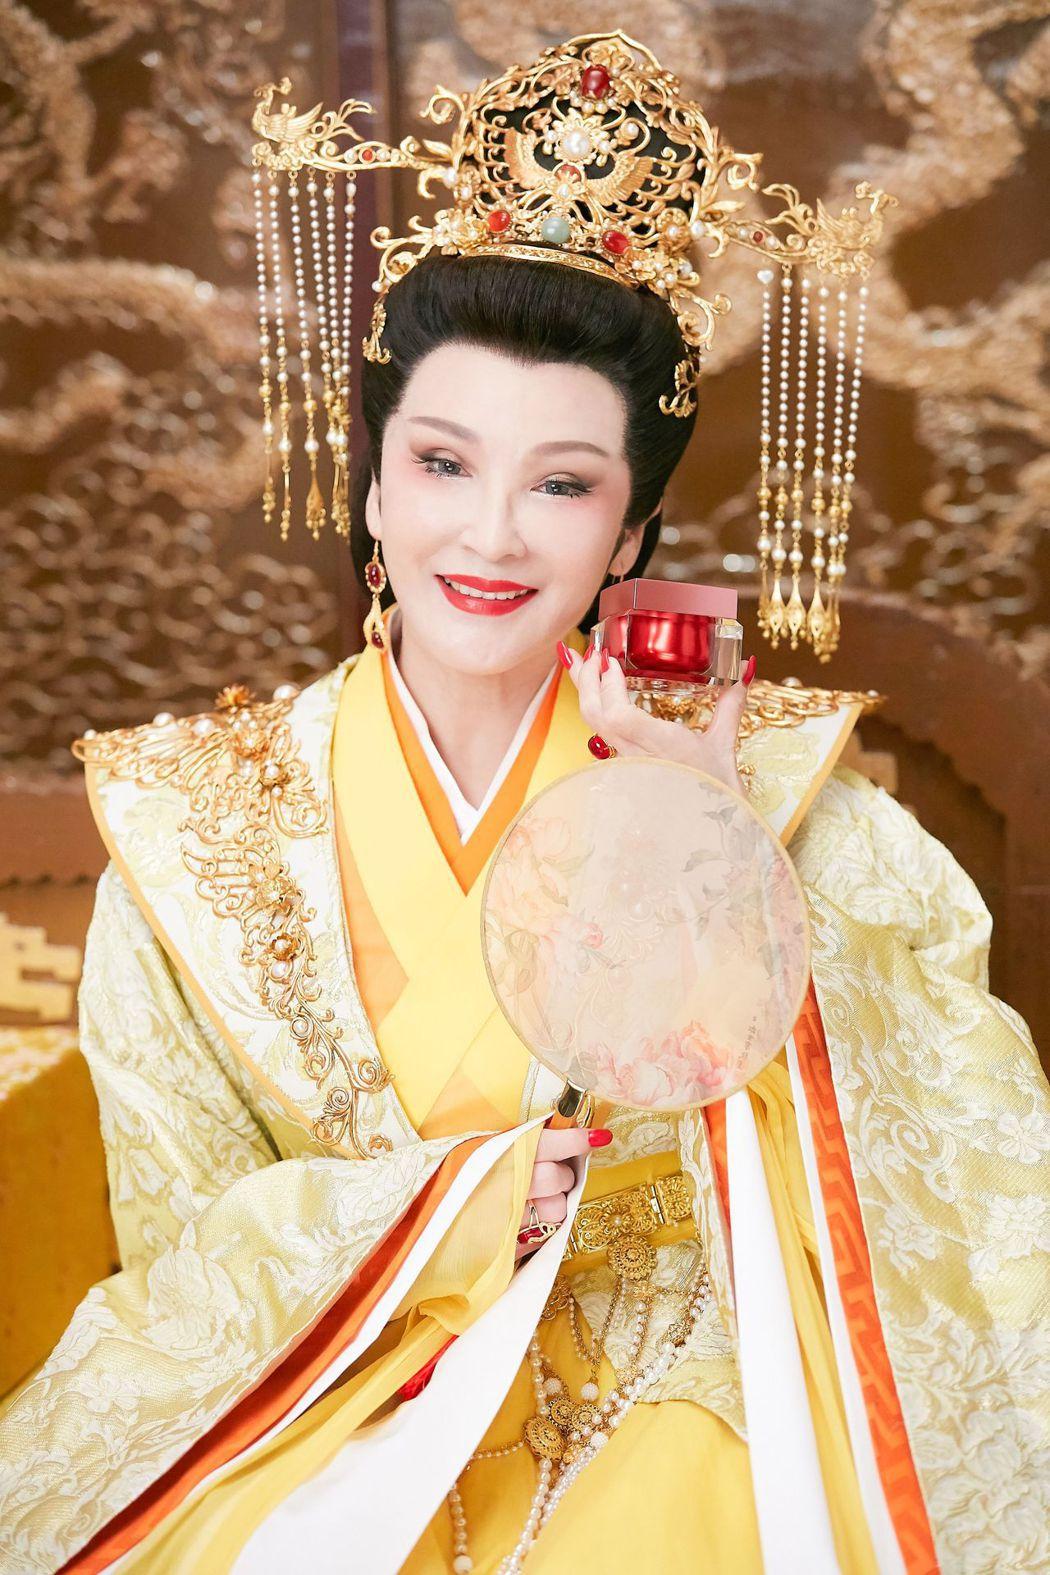 陳莎莉接下保養品代言。圖/京城之霜提供